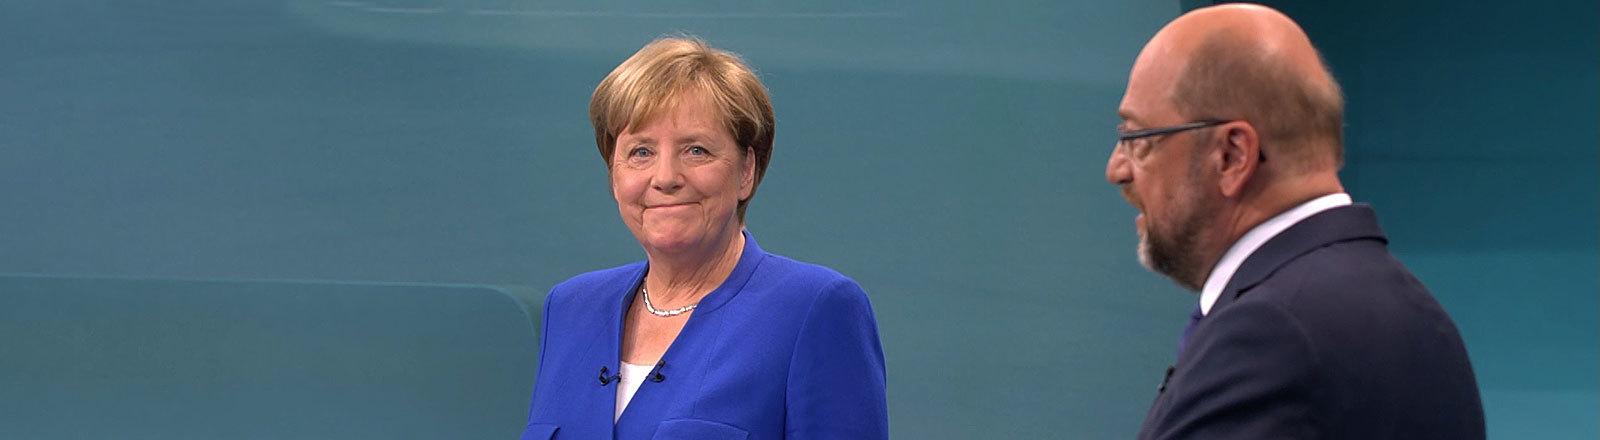 Merkel und Schulz beim TV-Duell 2017